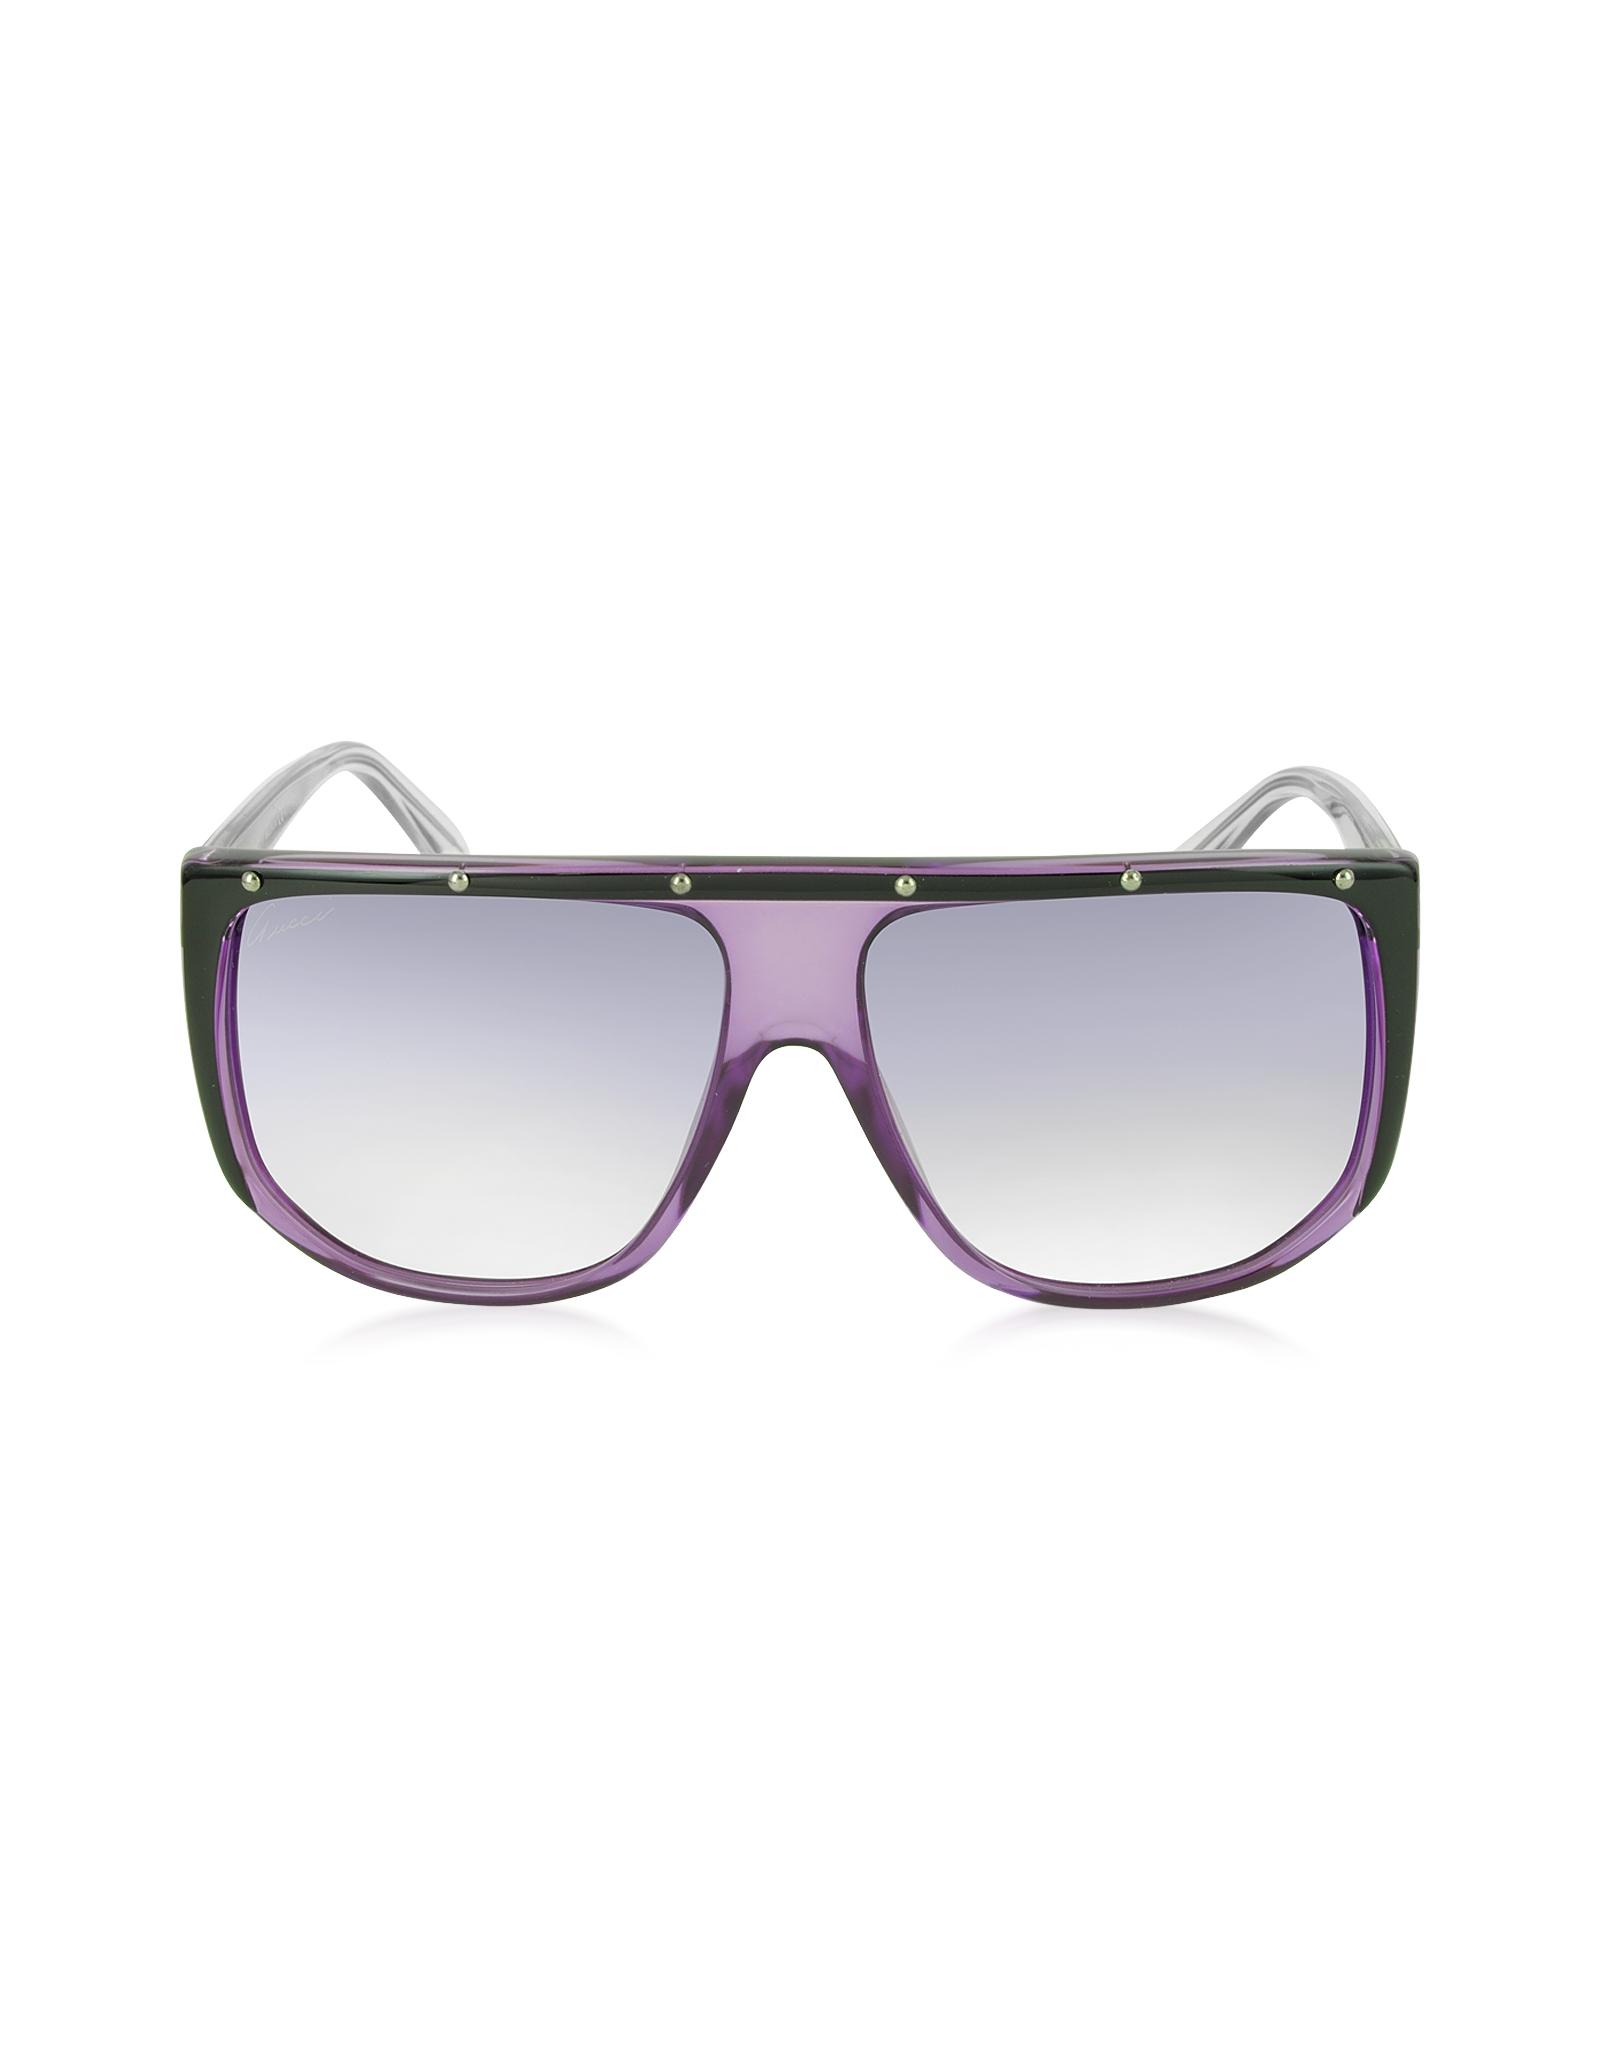 1a6c341b08b Lyst - Gucci Gg 3705 s 9w2dh Large Shaded Mask Women s Sunglasses in ...